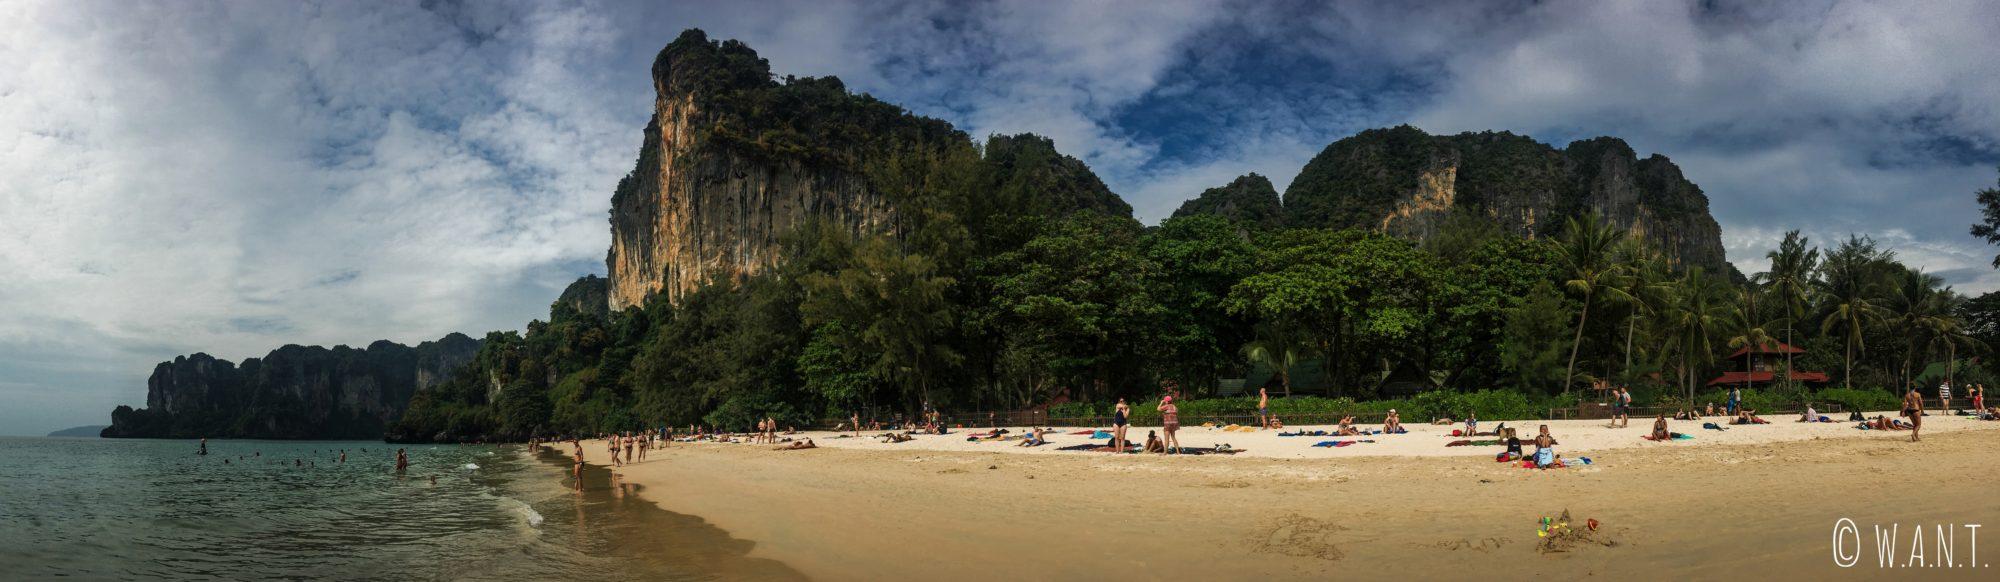 Plage de Railay Beach dans la province de Krabi